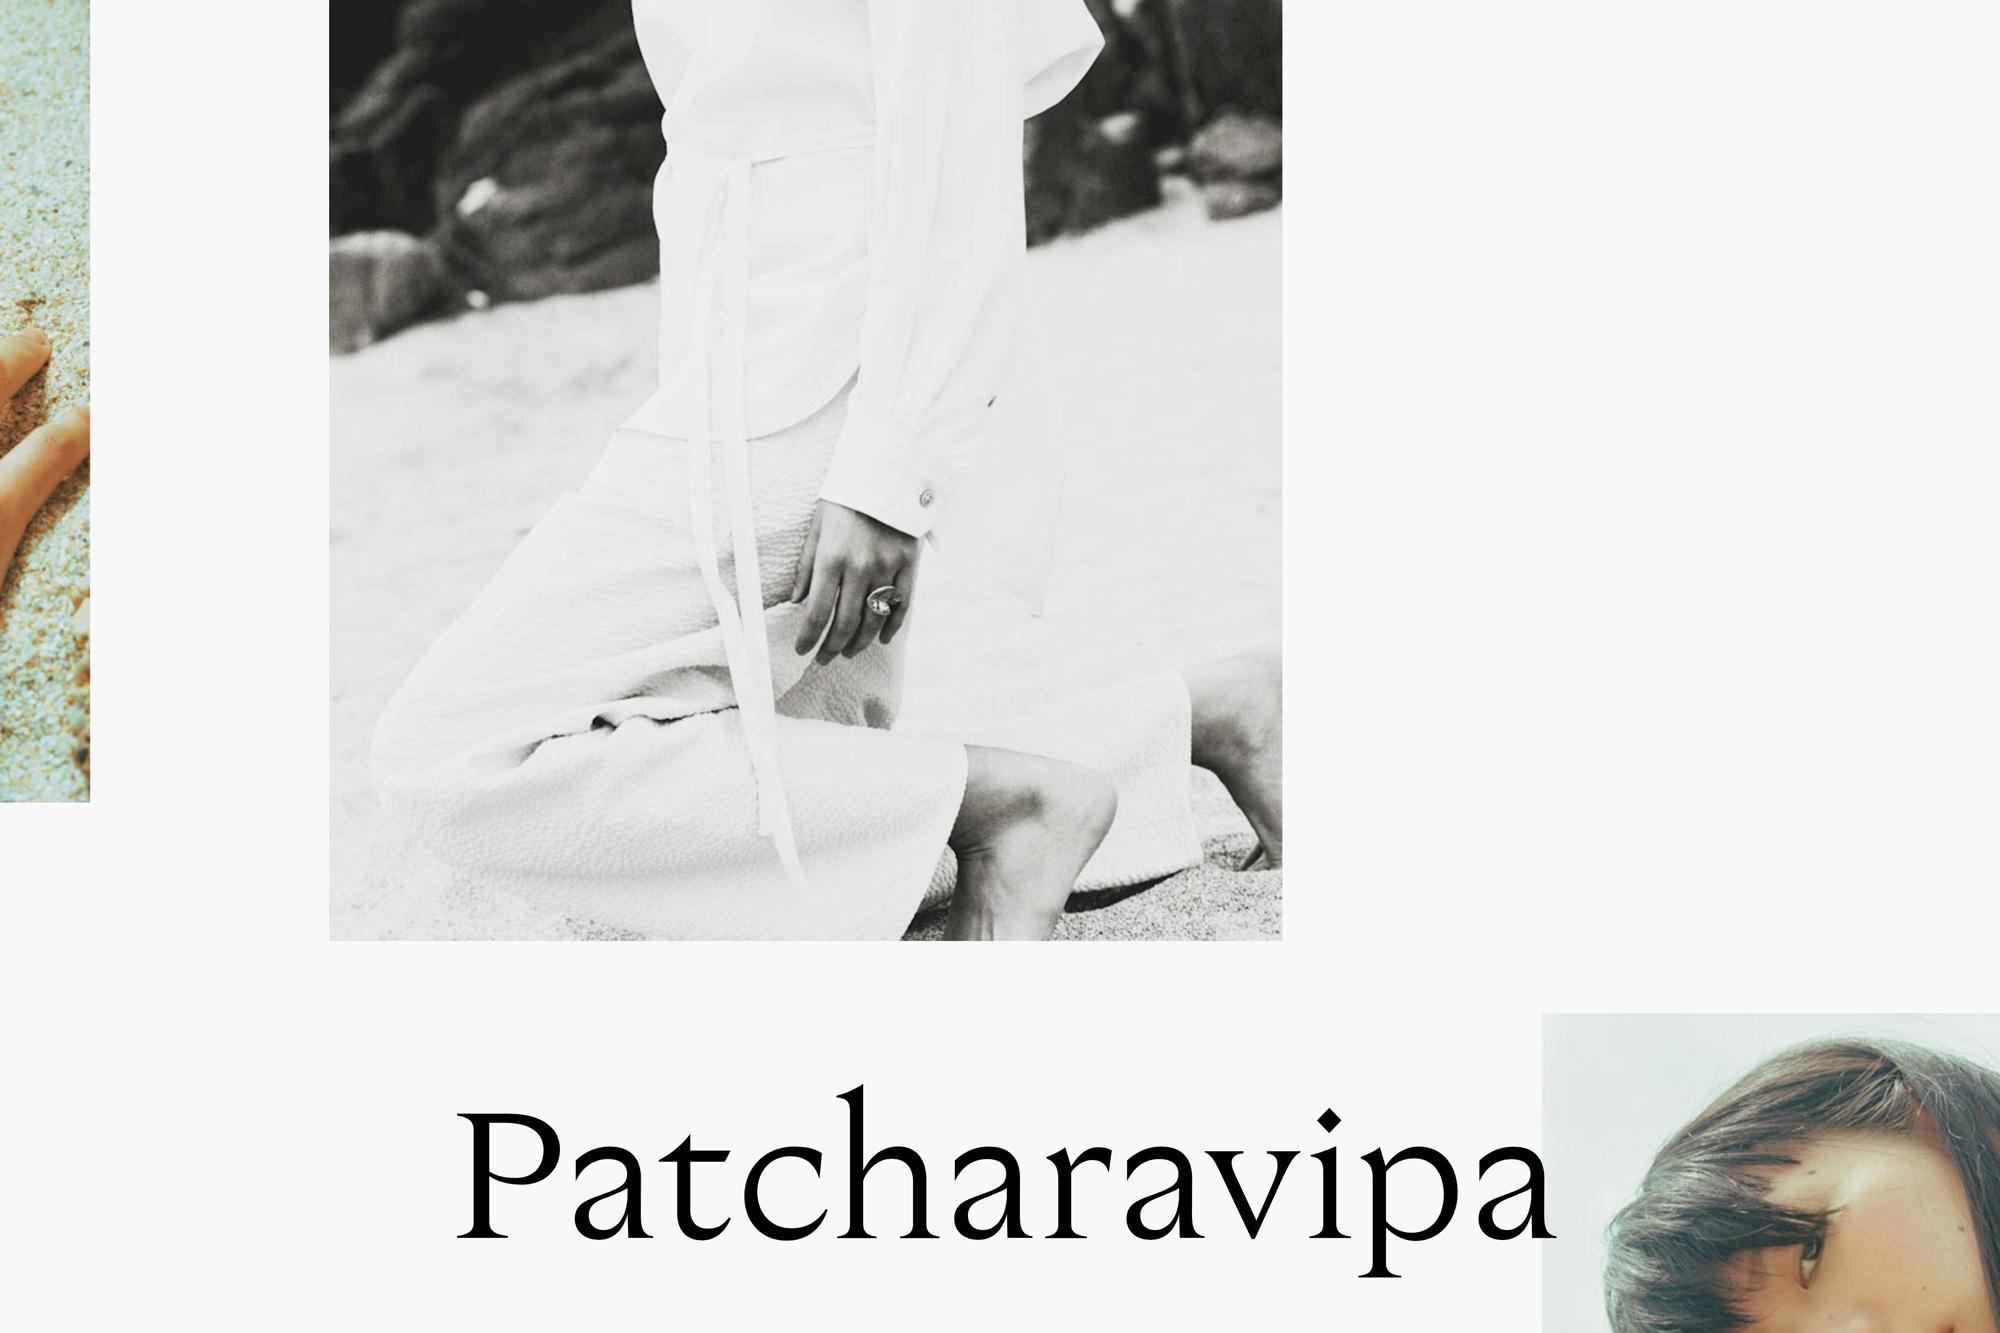 Patcharavipa